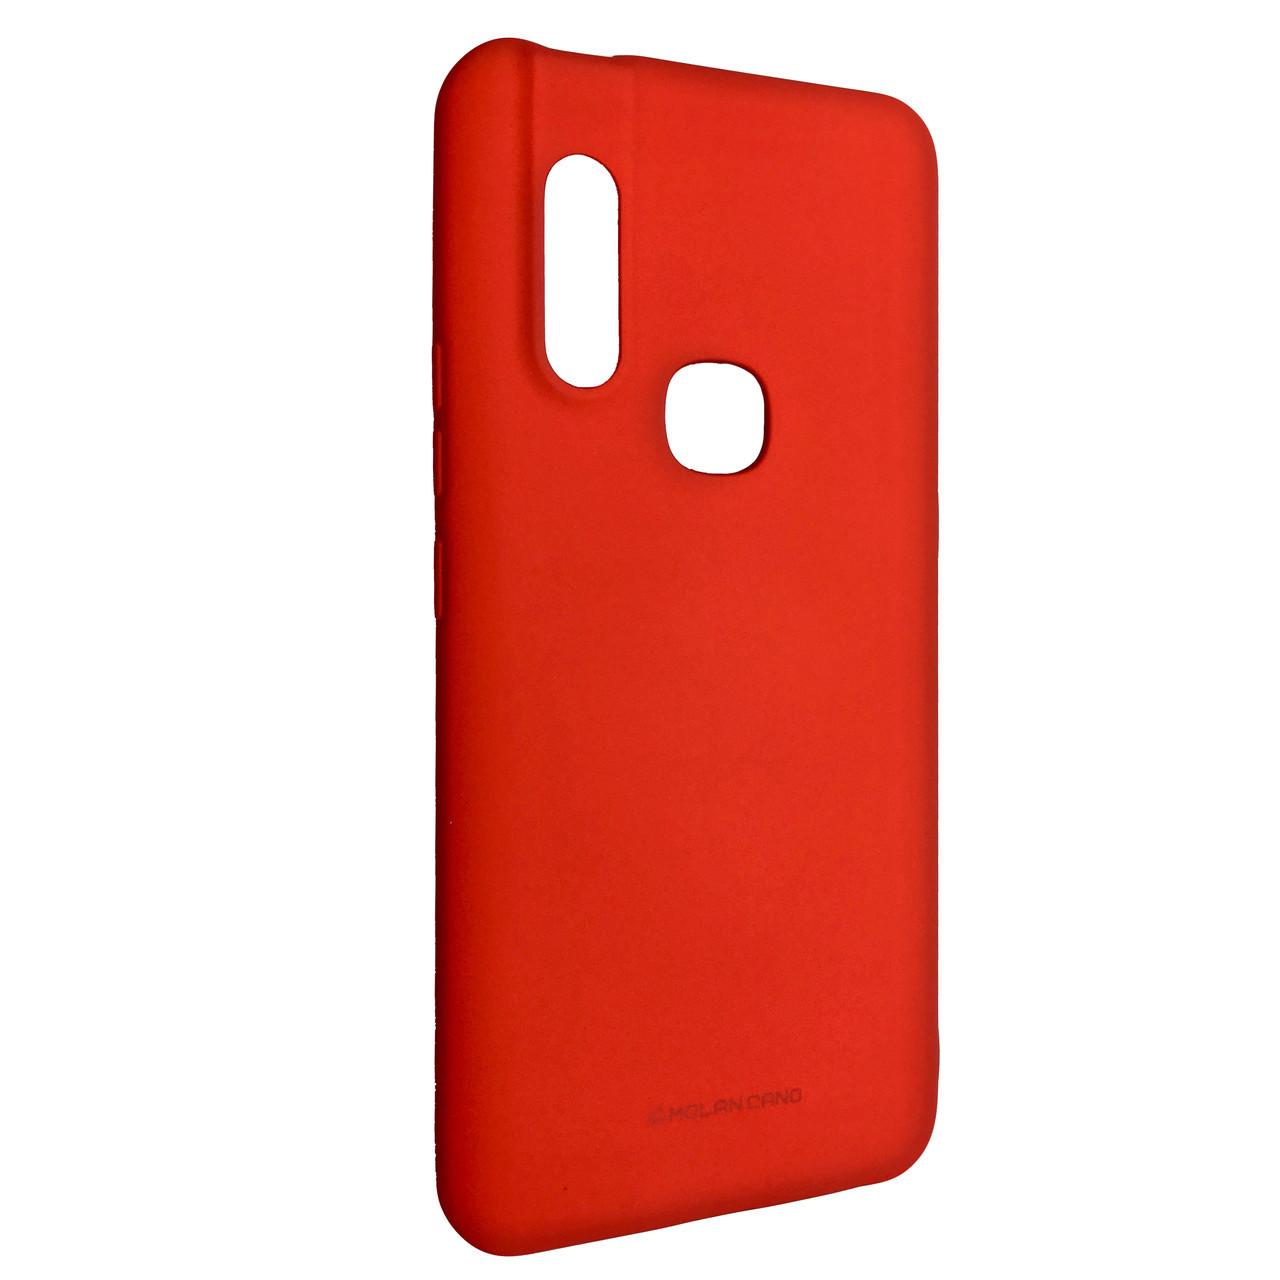 Чохол Silicone Hana Molan Cano Vivo V15 / S1 (red)